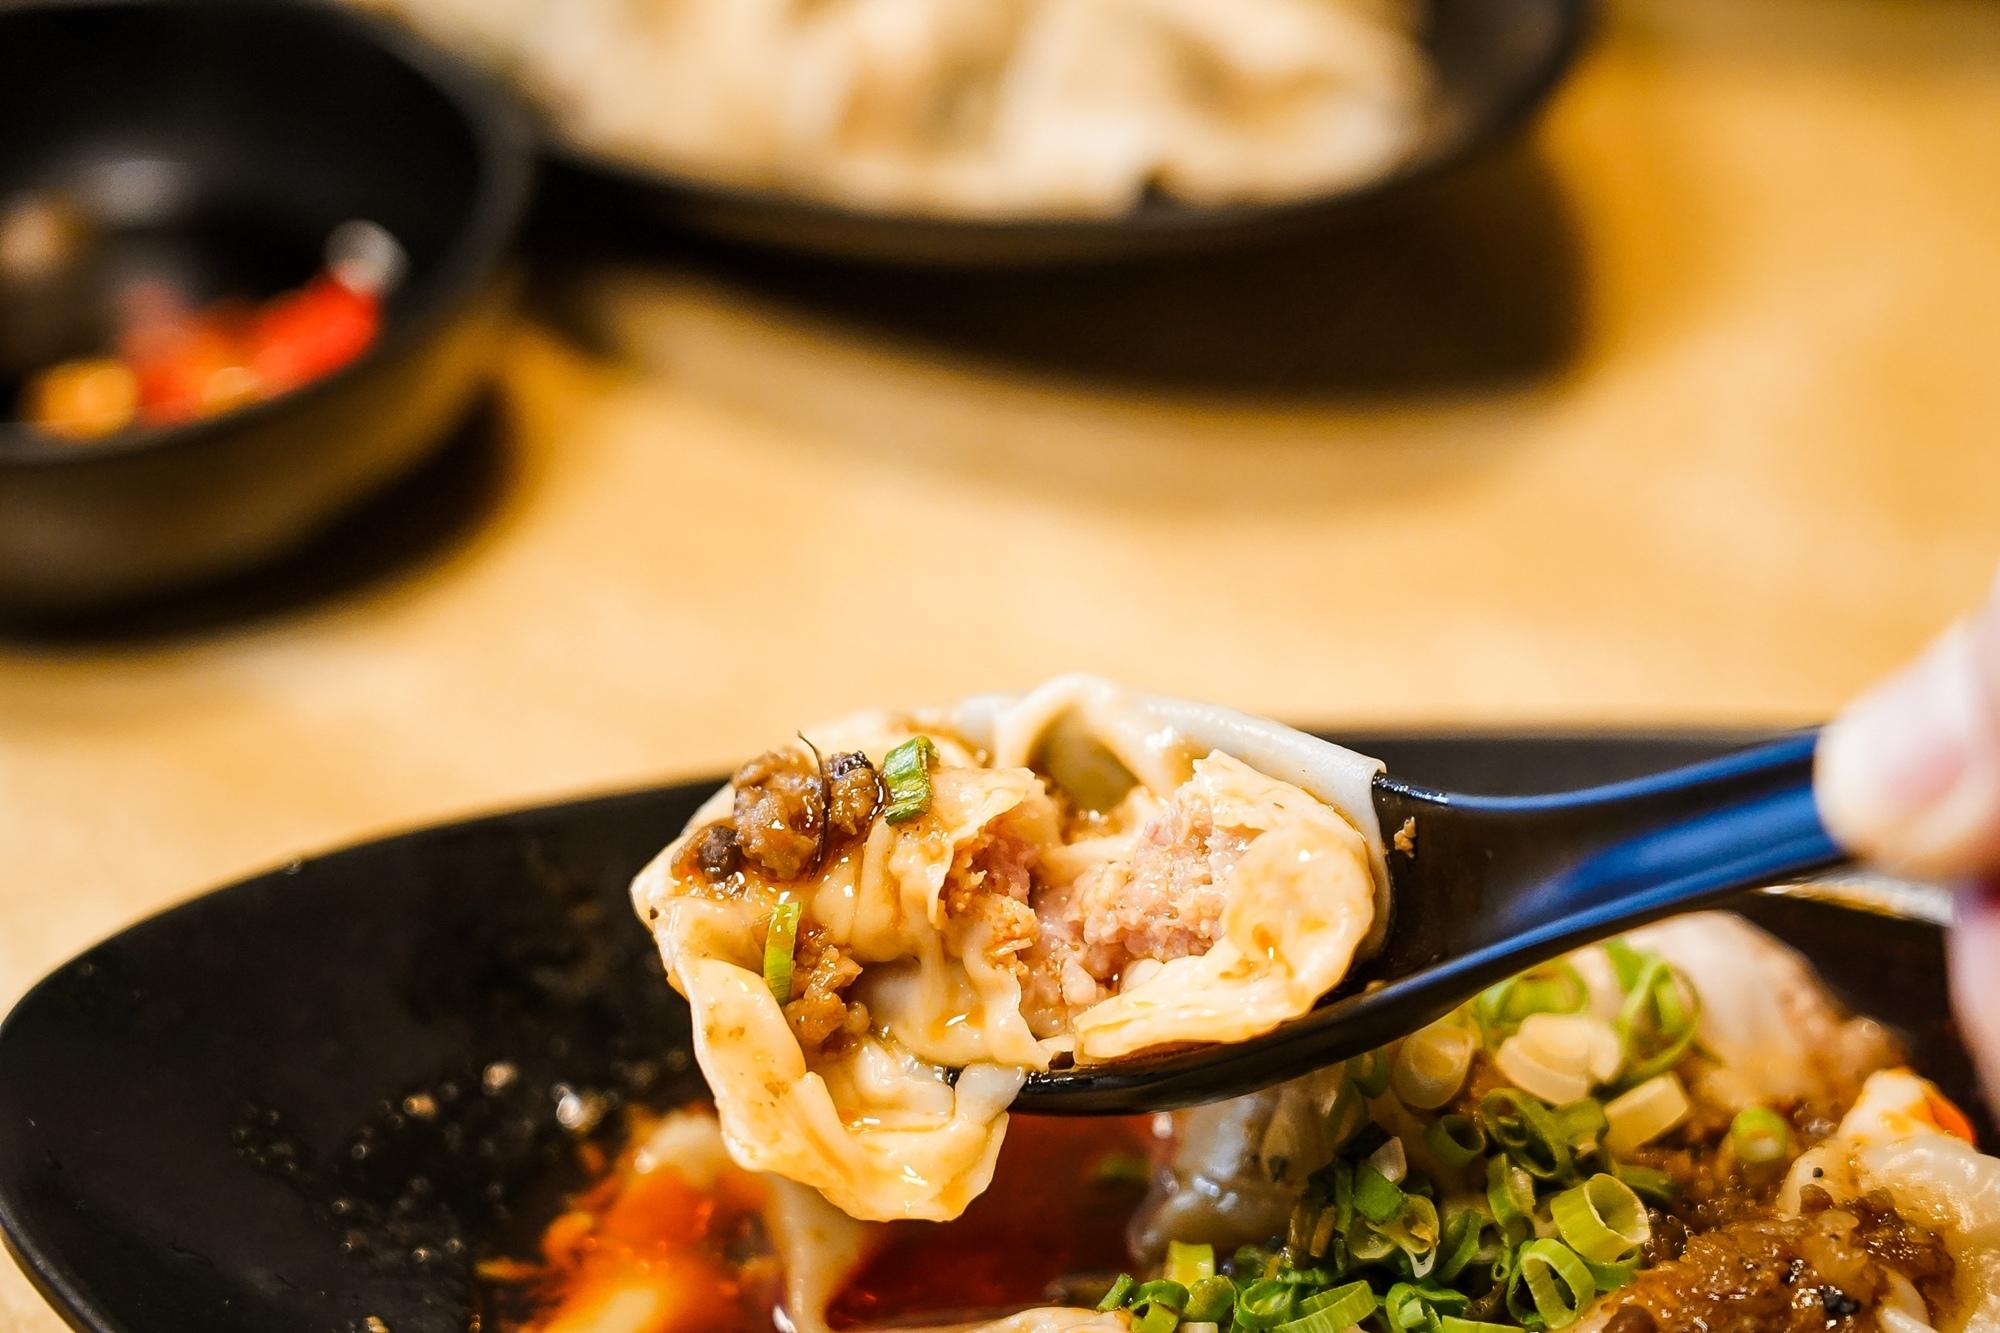 台南中西區美食 東城麵家 結合hiphop與街頭文化的潮流麵店36.jpg